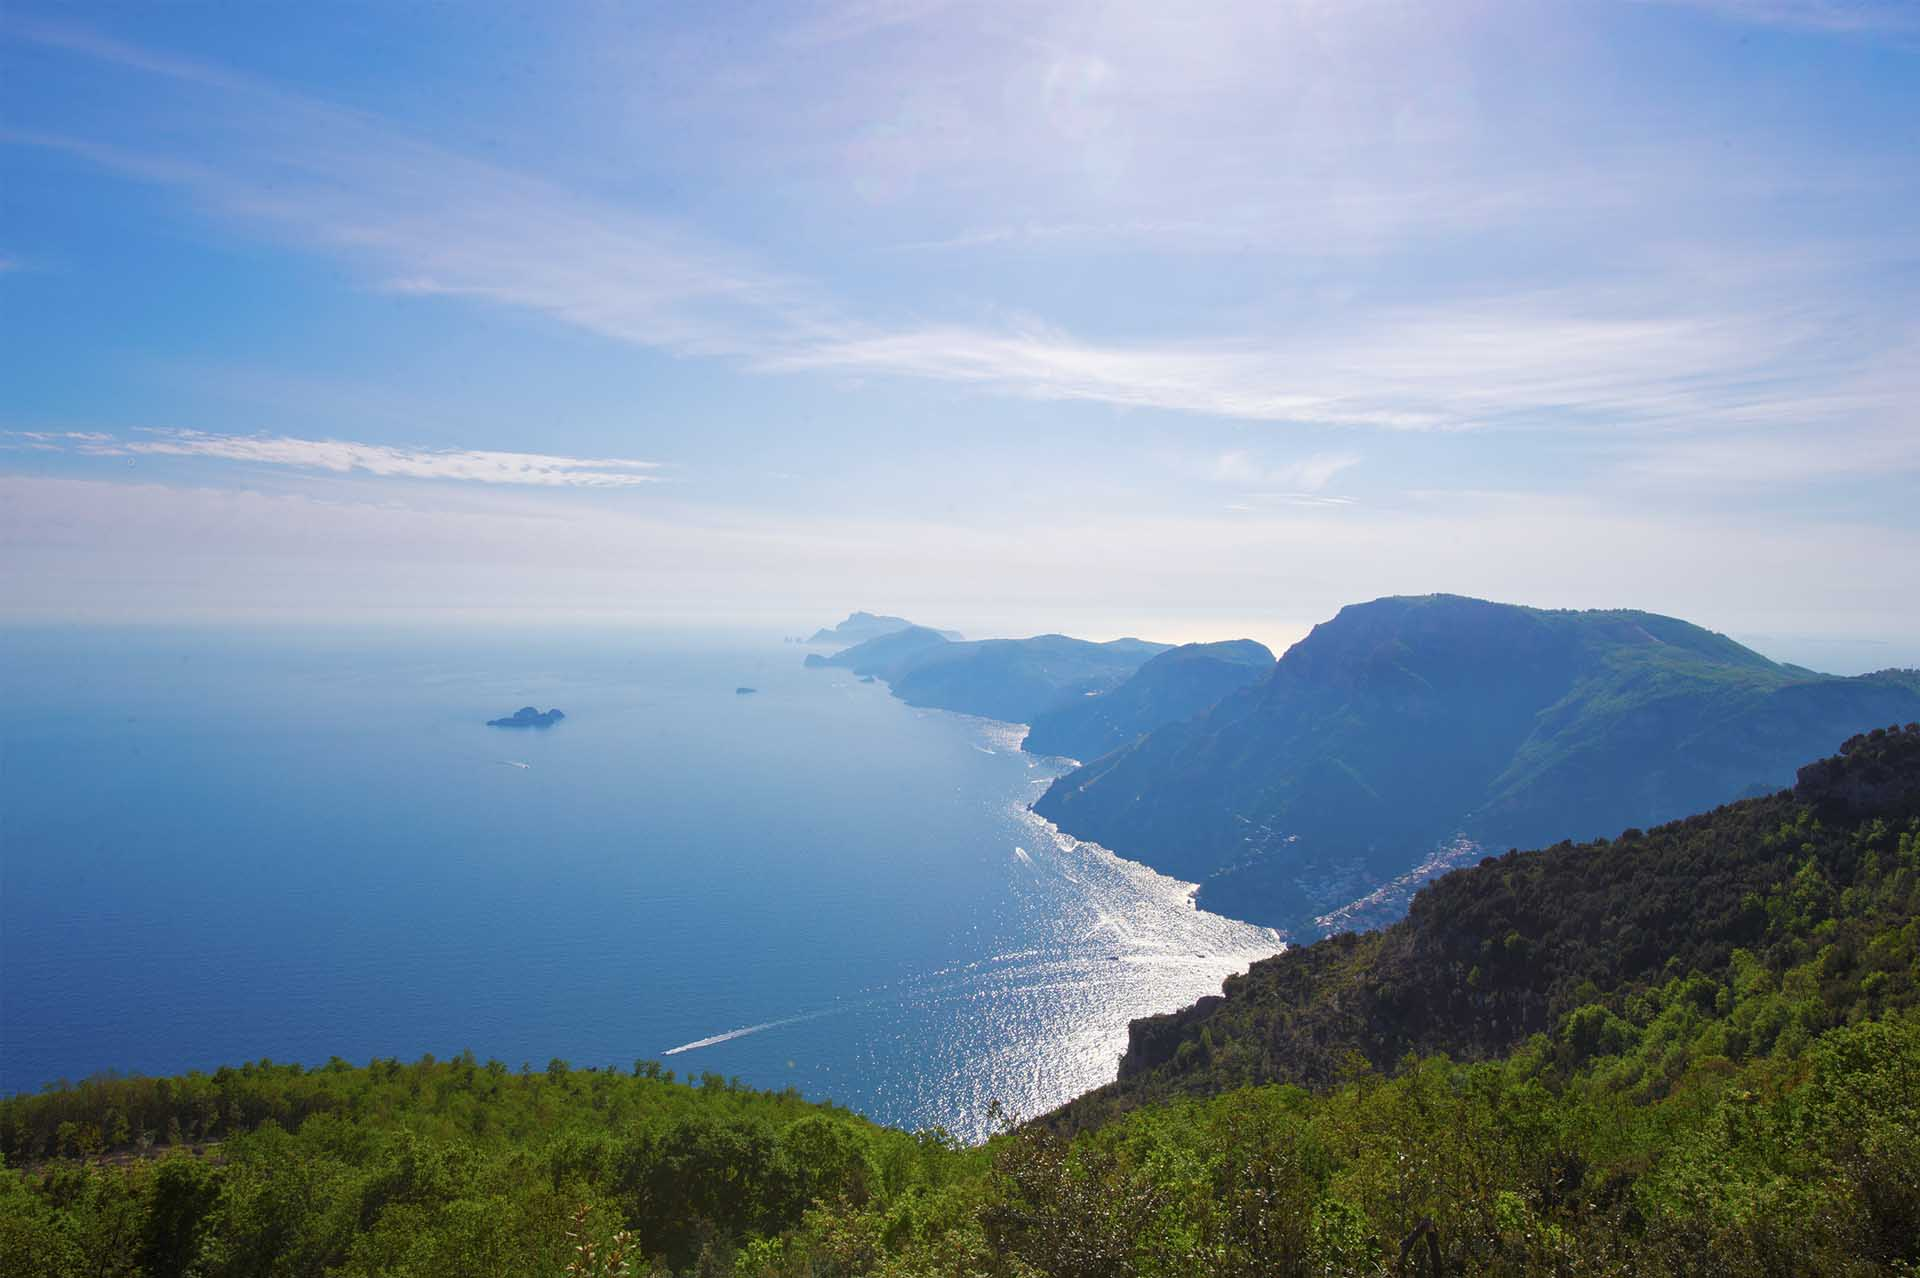 Muoversi in costiera amalfitana for Due giorni in costiera amalfitana